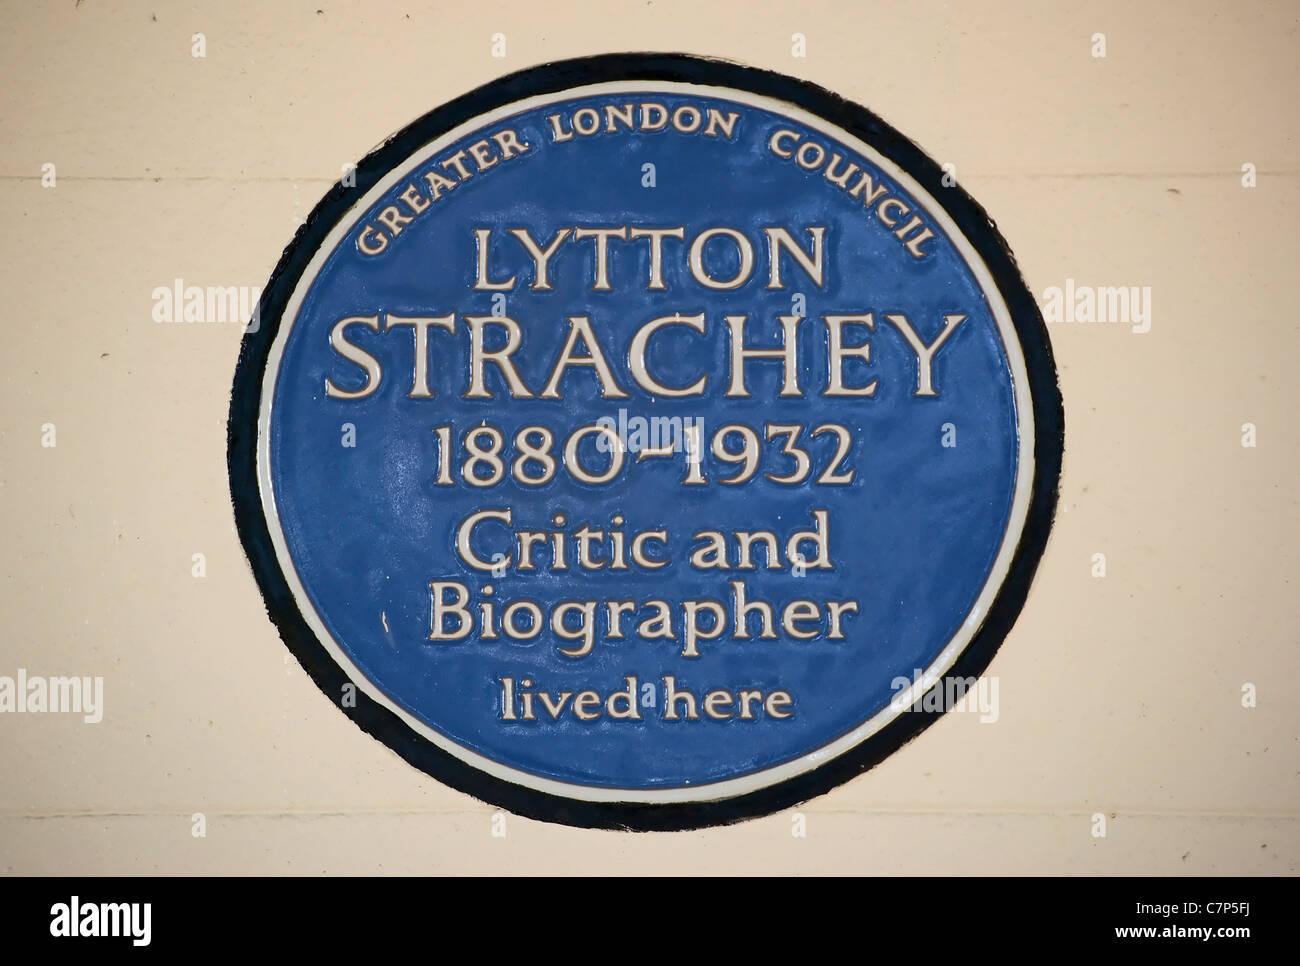 Greater London consiglio targa blu segnando un home di critico e biografo lytton strachey, Gordon Square, Londra, Inghilterra Foto Stock